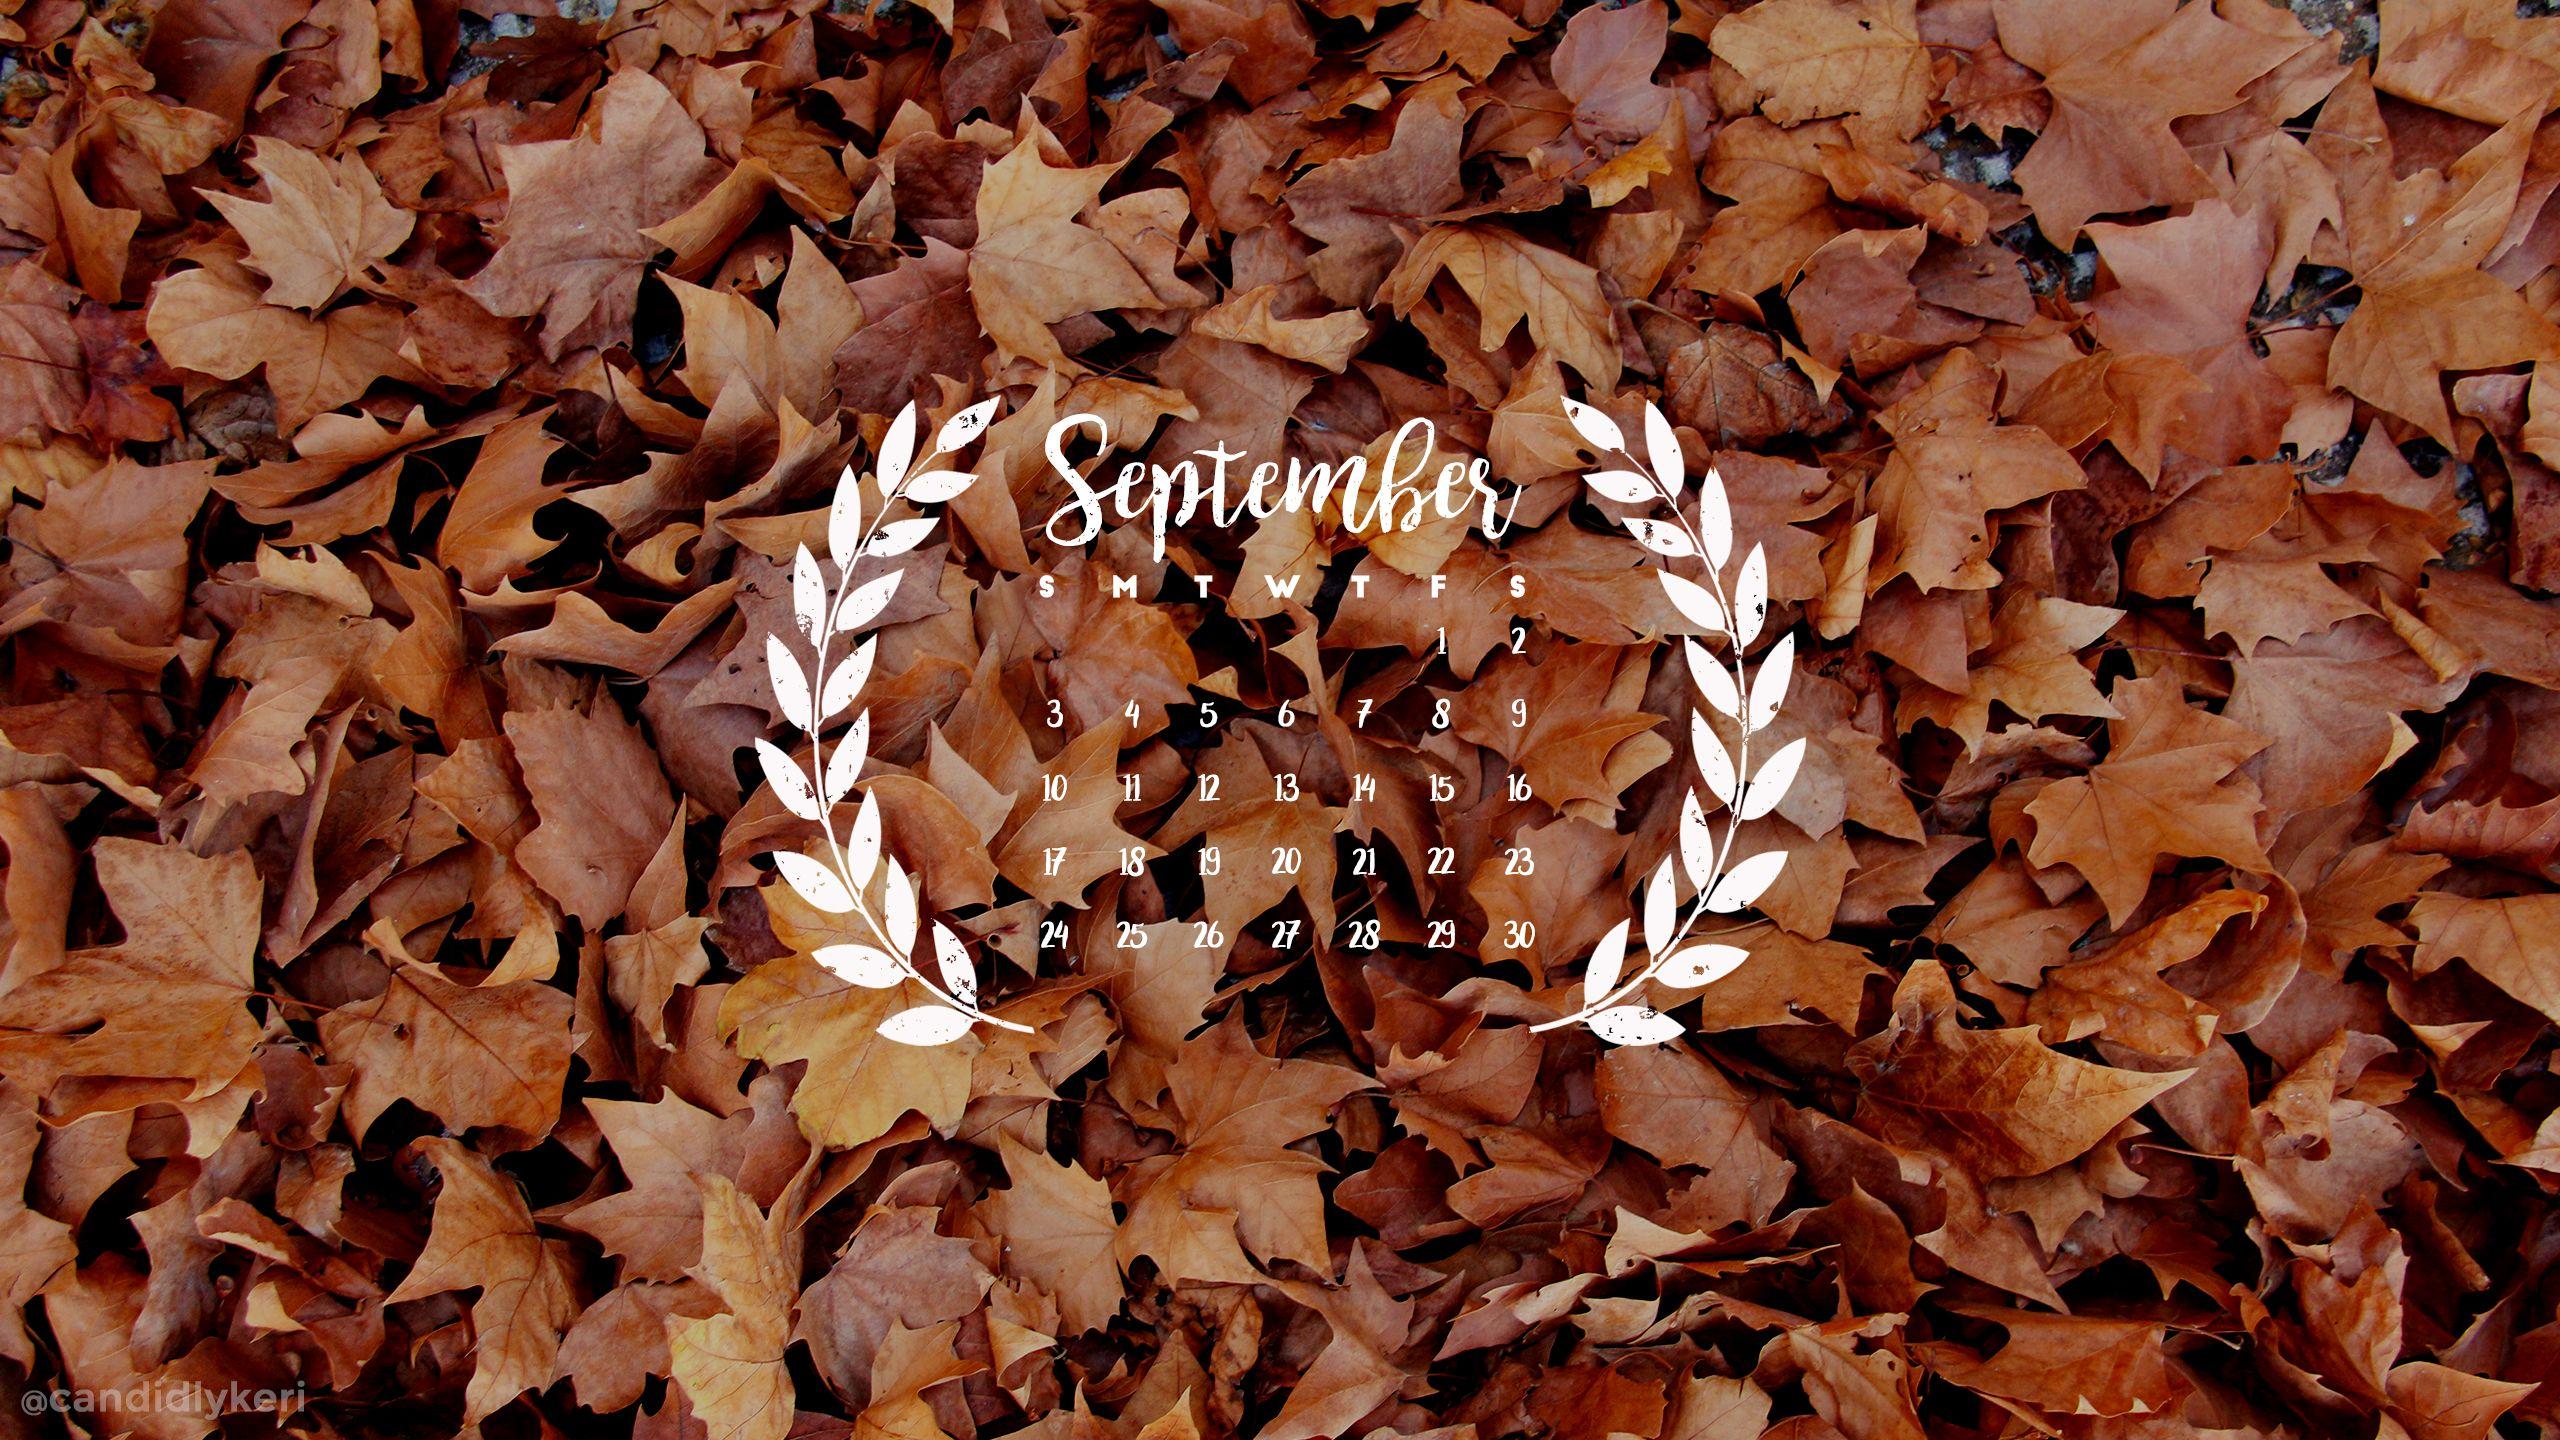 2017 September9 Jpg 2560 1440 Desktop Wallpaper September Wallpaper Laptop Wallpaper